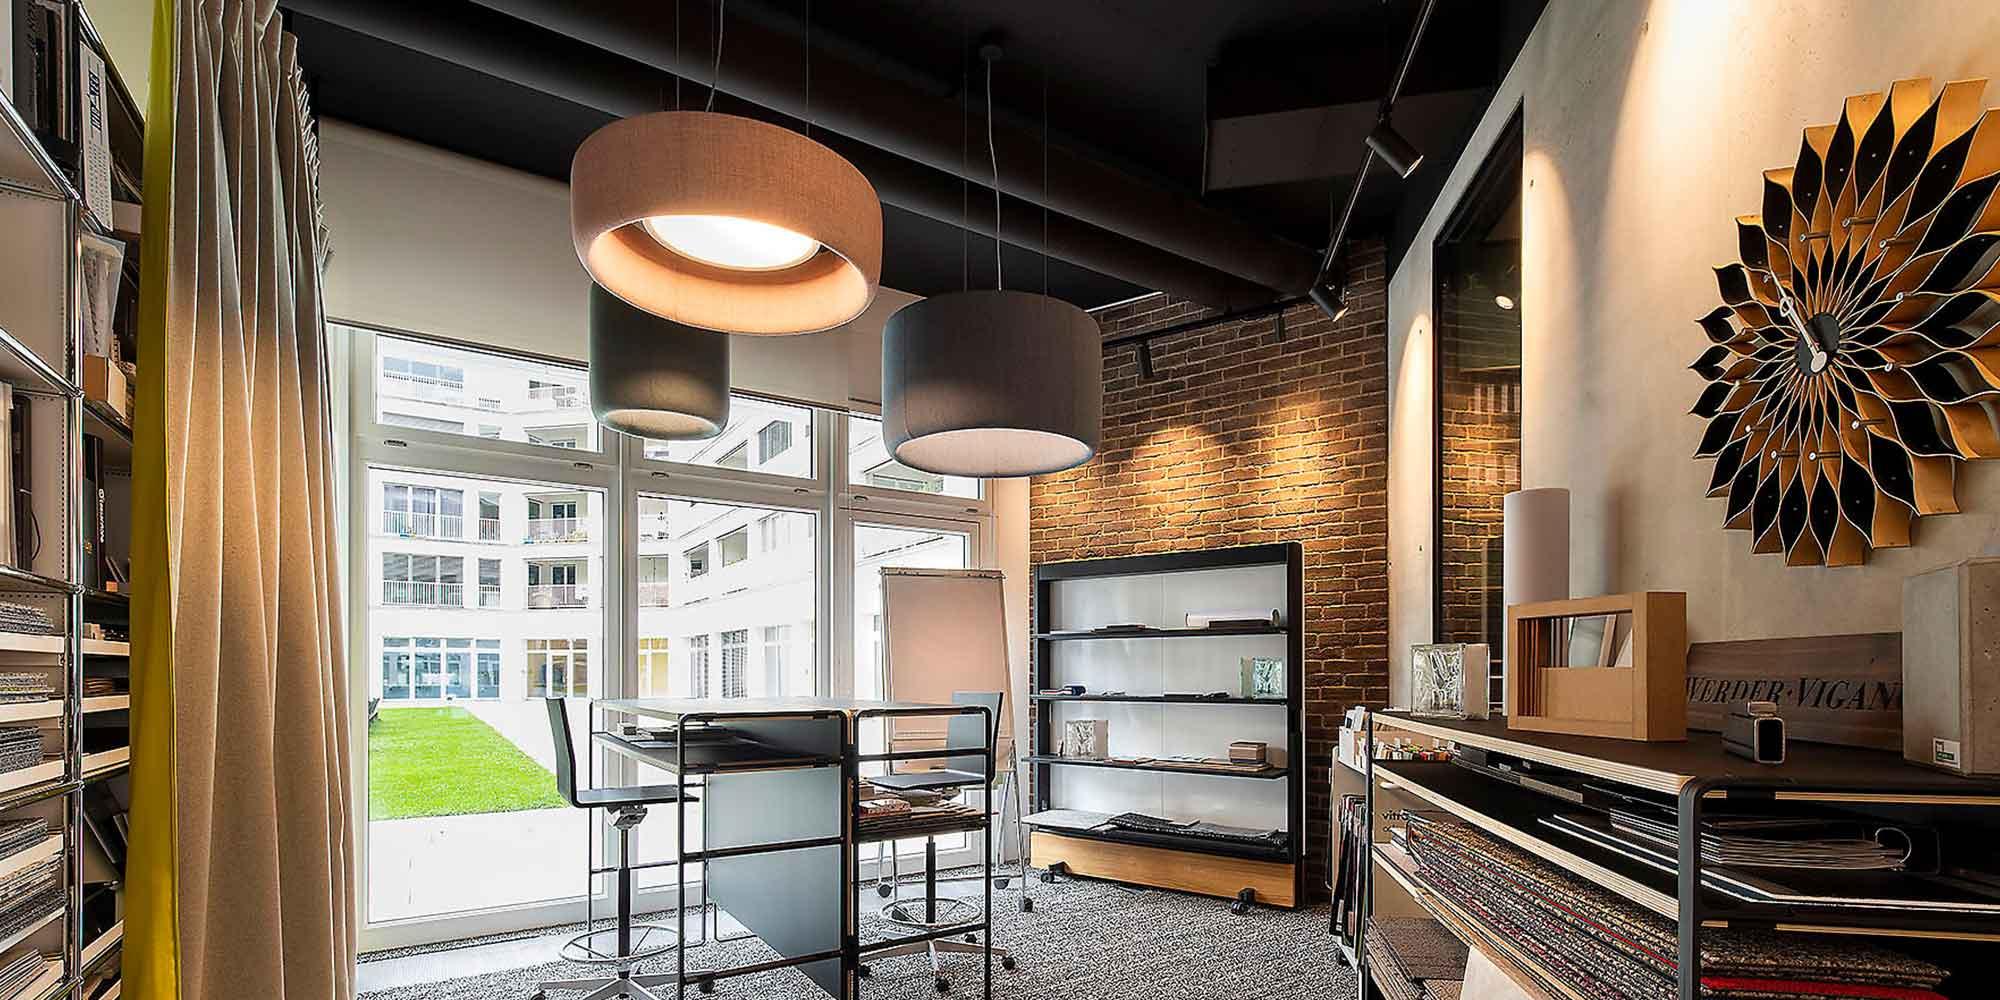 Ernst, Von Petersdorff Besprechungsecke mit Stoffpendelleuchten ausgestattet, Stromischienen straler leuchten die Wände optimal aus